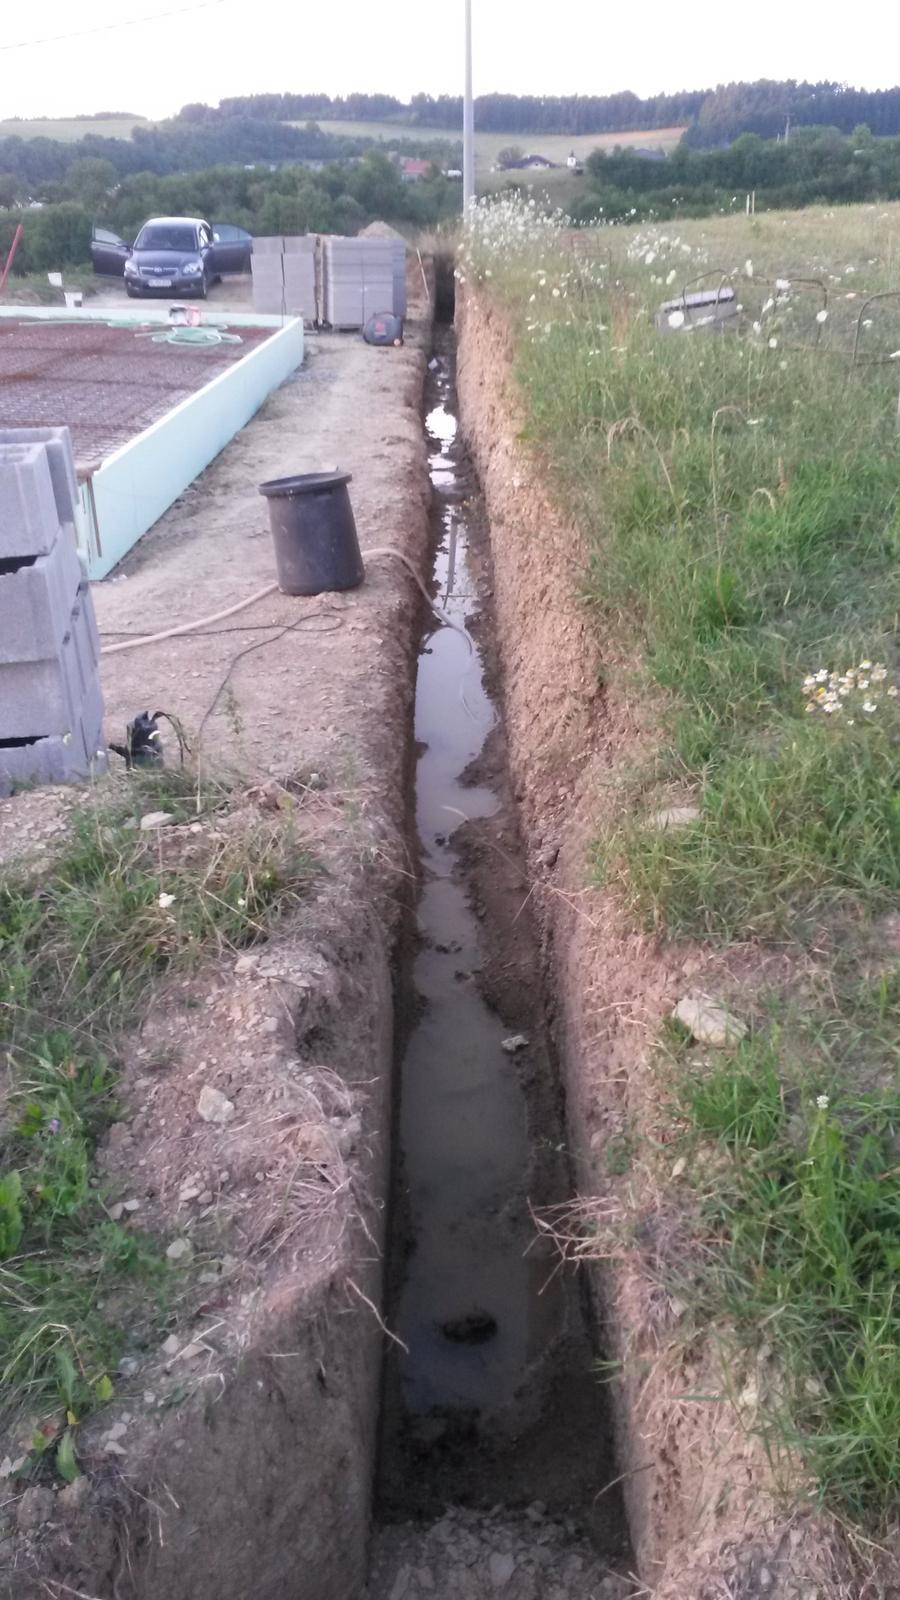 Dom - il nepustil... 3 tyzdne tam stala voda tak som to musel kyblom a rylom vycistit...